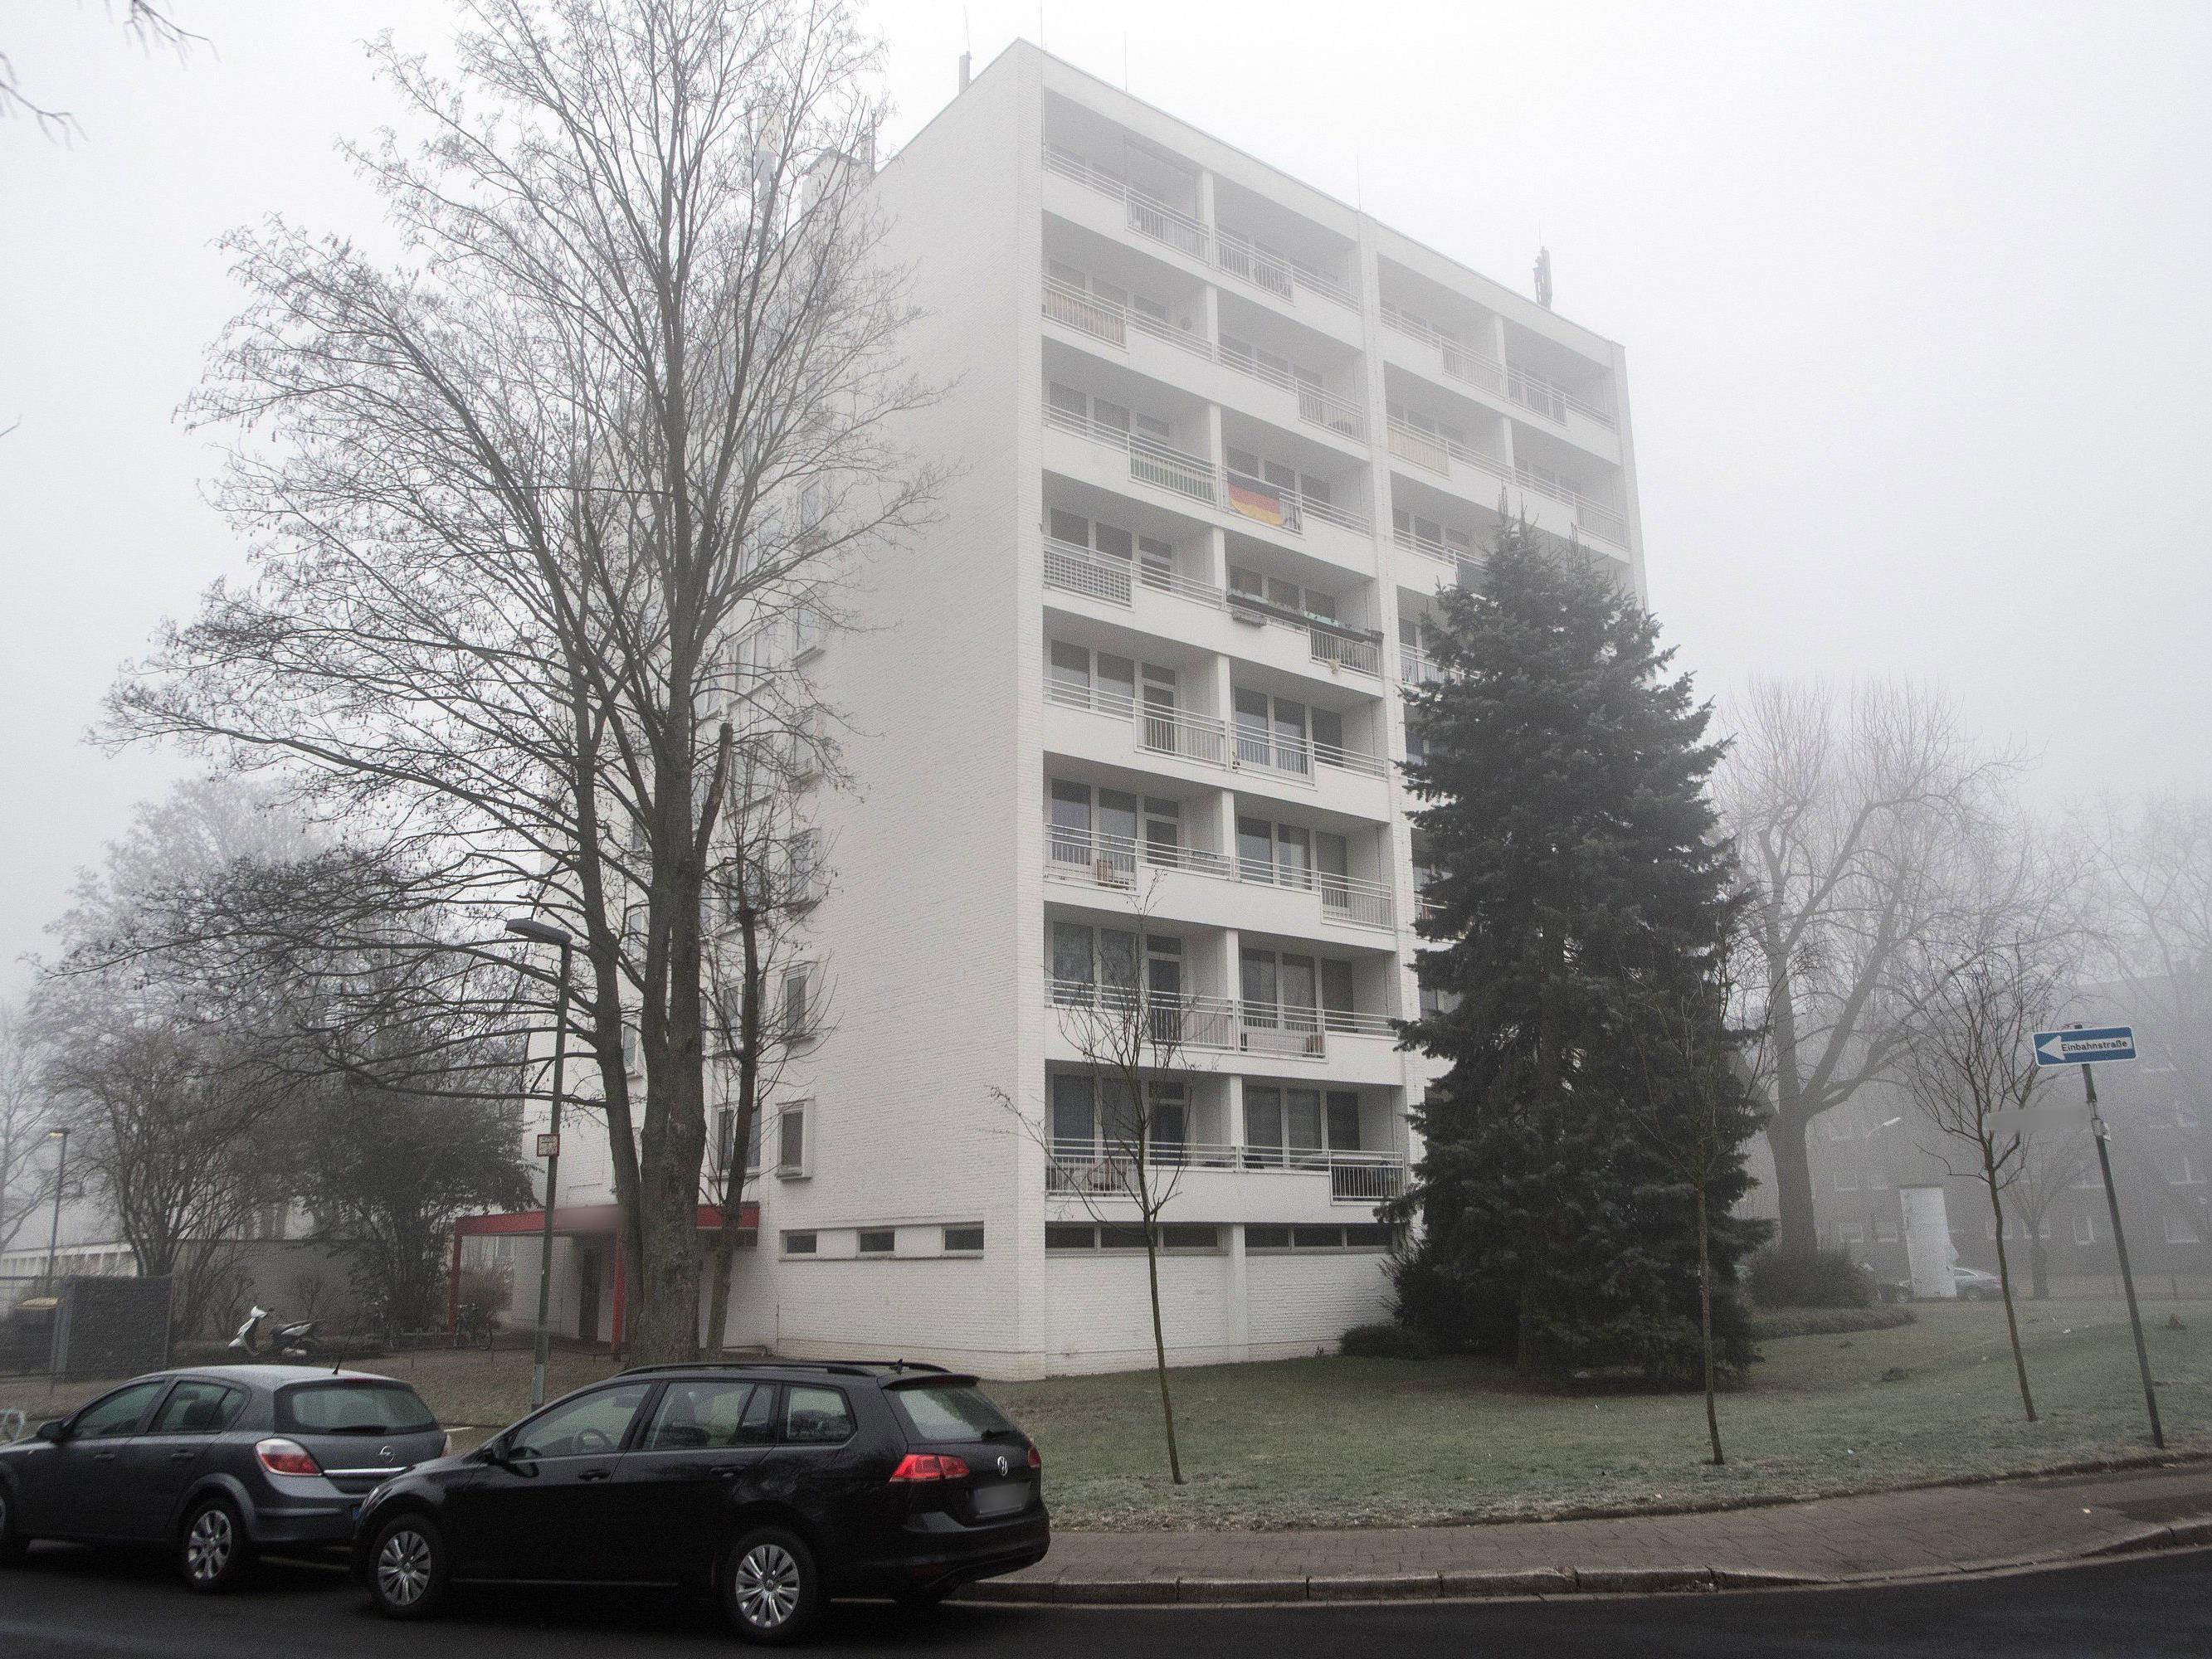 In diesem Haus in Neuss wurde der Komplize festgenommen - der 17-Jährige soll ihn dort besucht haben